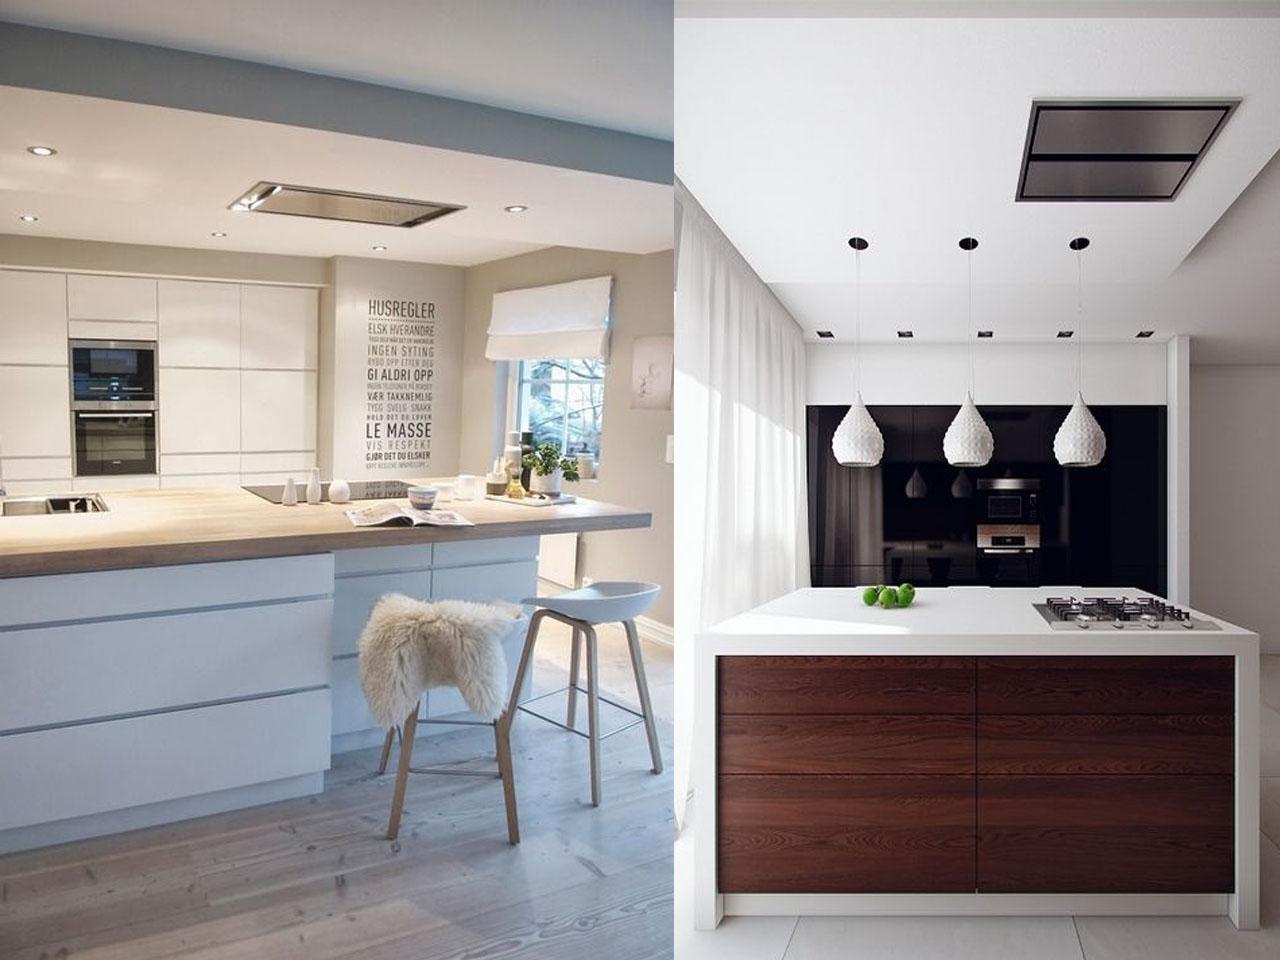 Tendencias cocinas 2017 el nuevo centro de tu hogar for Cocinas italianas 2017